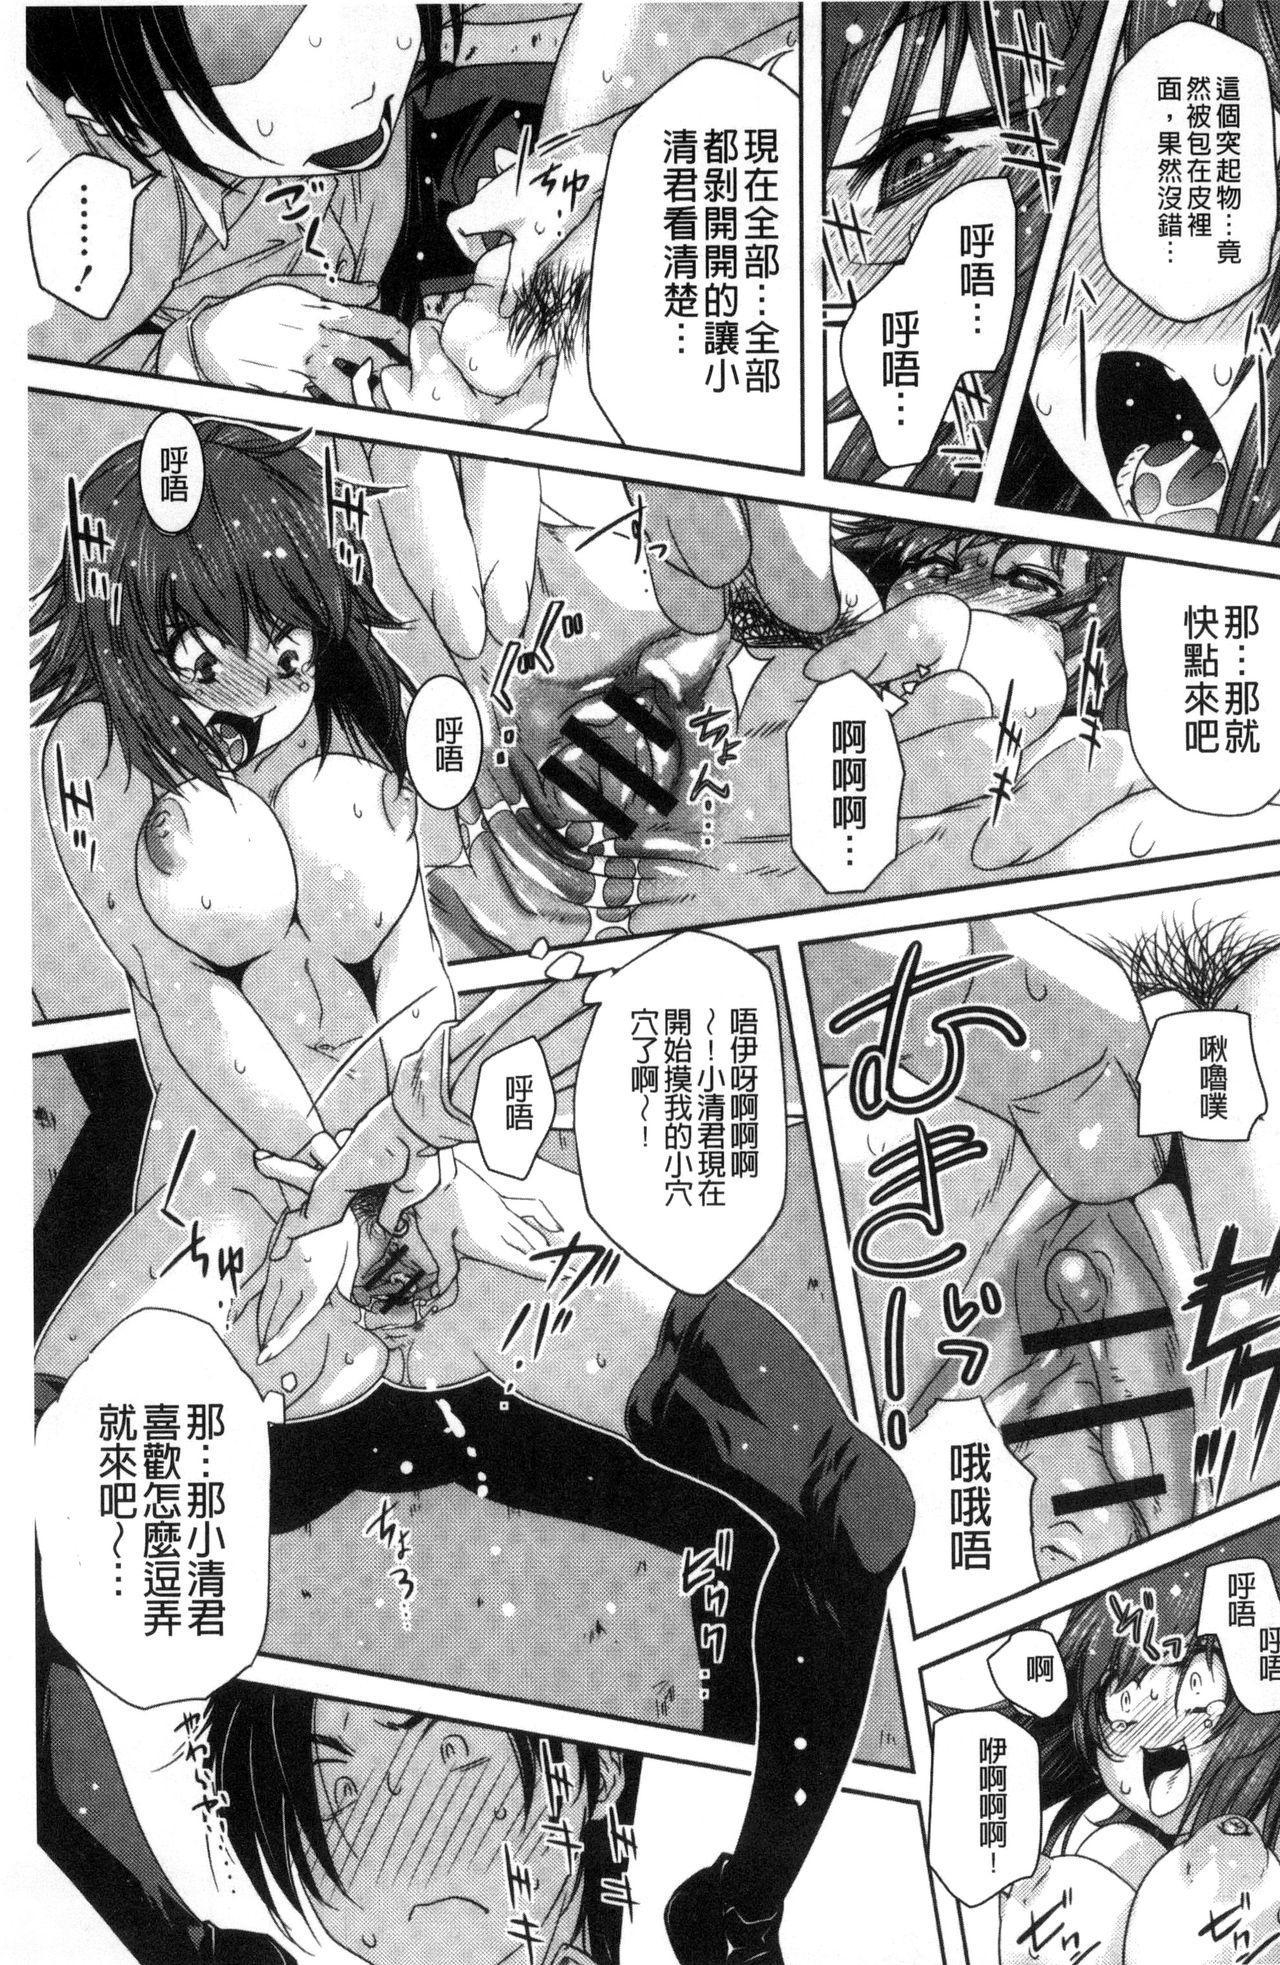 Soto Hame! Kanojo wa Yagai Roshutsu-kei Hentai 21